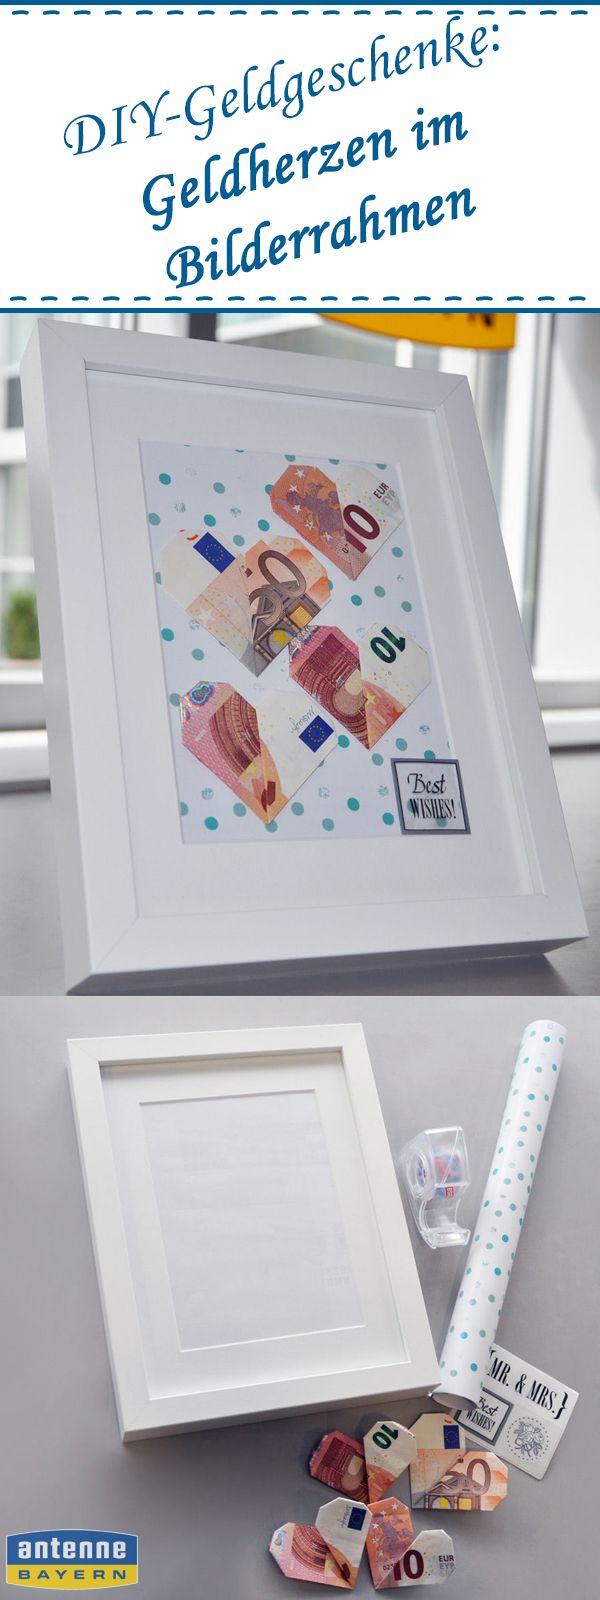 Von ganzen Herzen – für die leere Kasse: Der Bilderrahmen mit Geldherzen